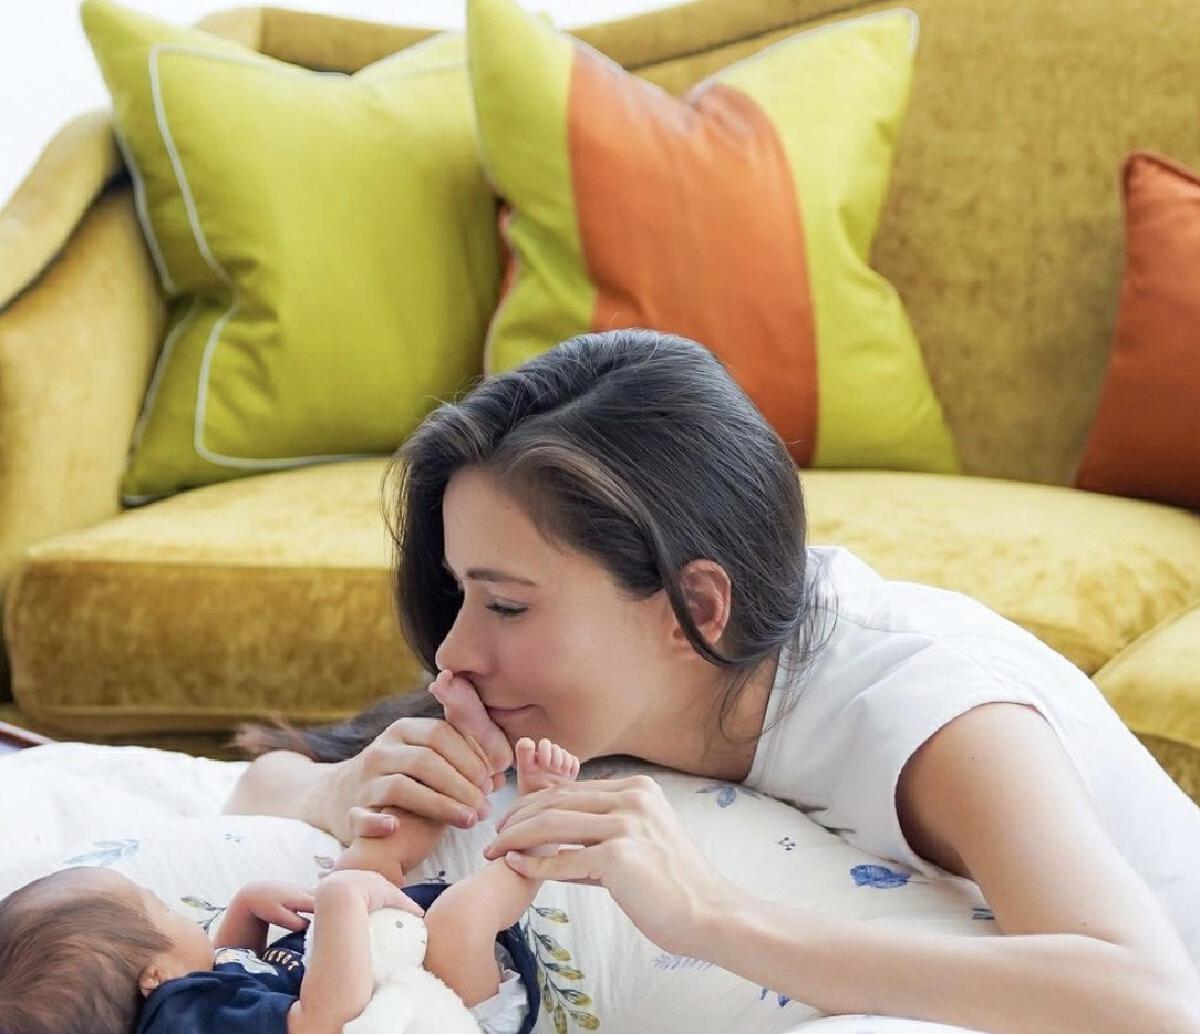 แหวนแหวน ปวริศา ประกาศจอง น้องกวินท์ ทายาทหมื่นล้าน ศรีริต้า-ไฮโซกรณ์ ให้กับลูกสาวในอนาคต